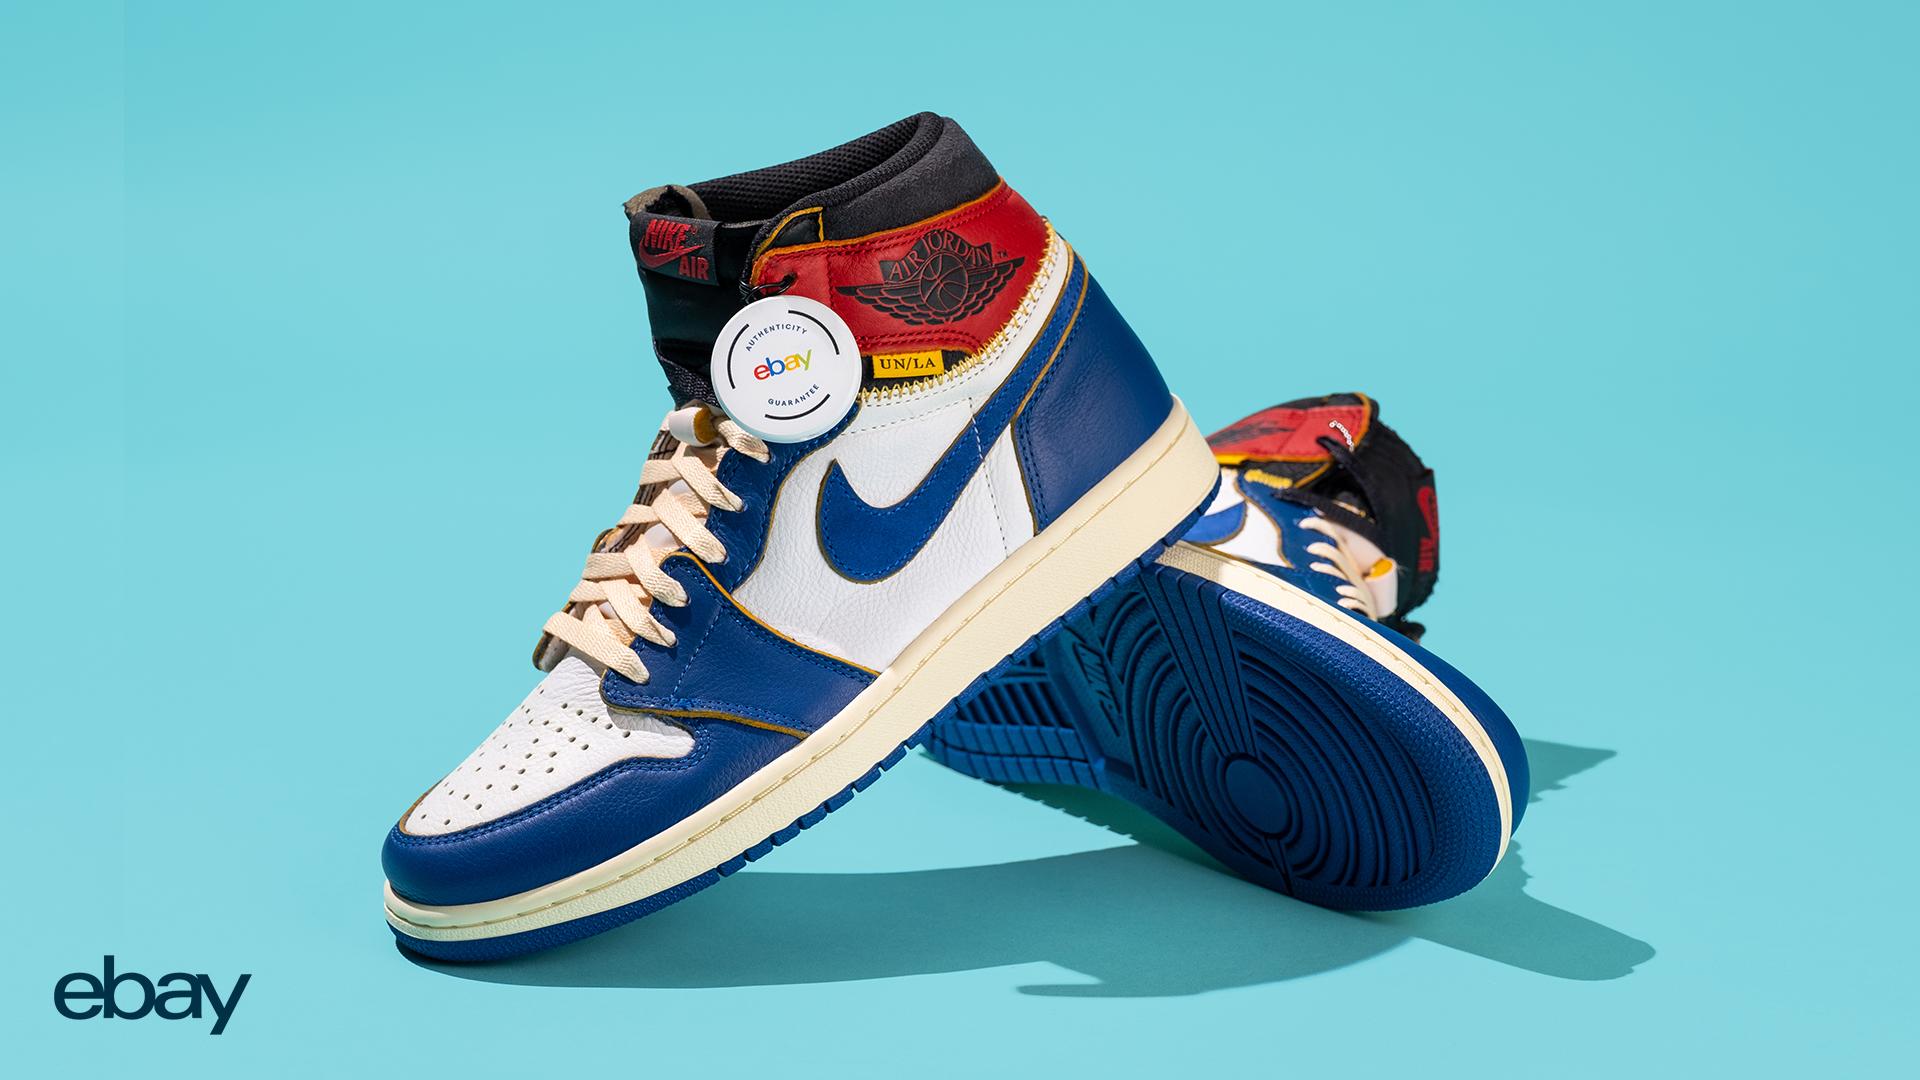 eBay Announces Sneaker Authentication